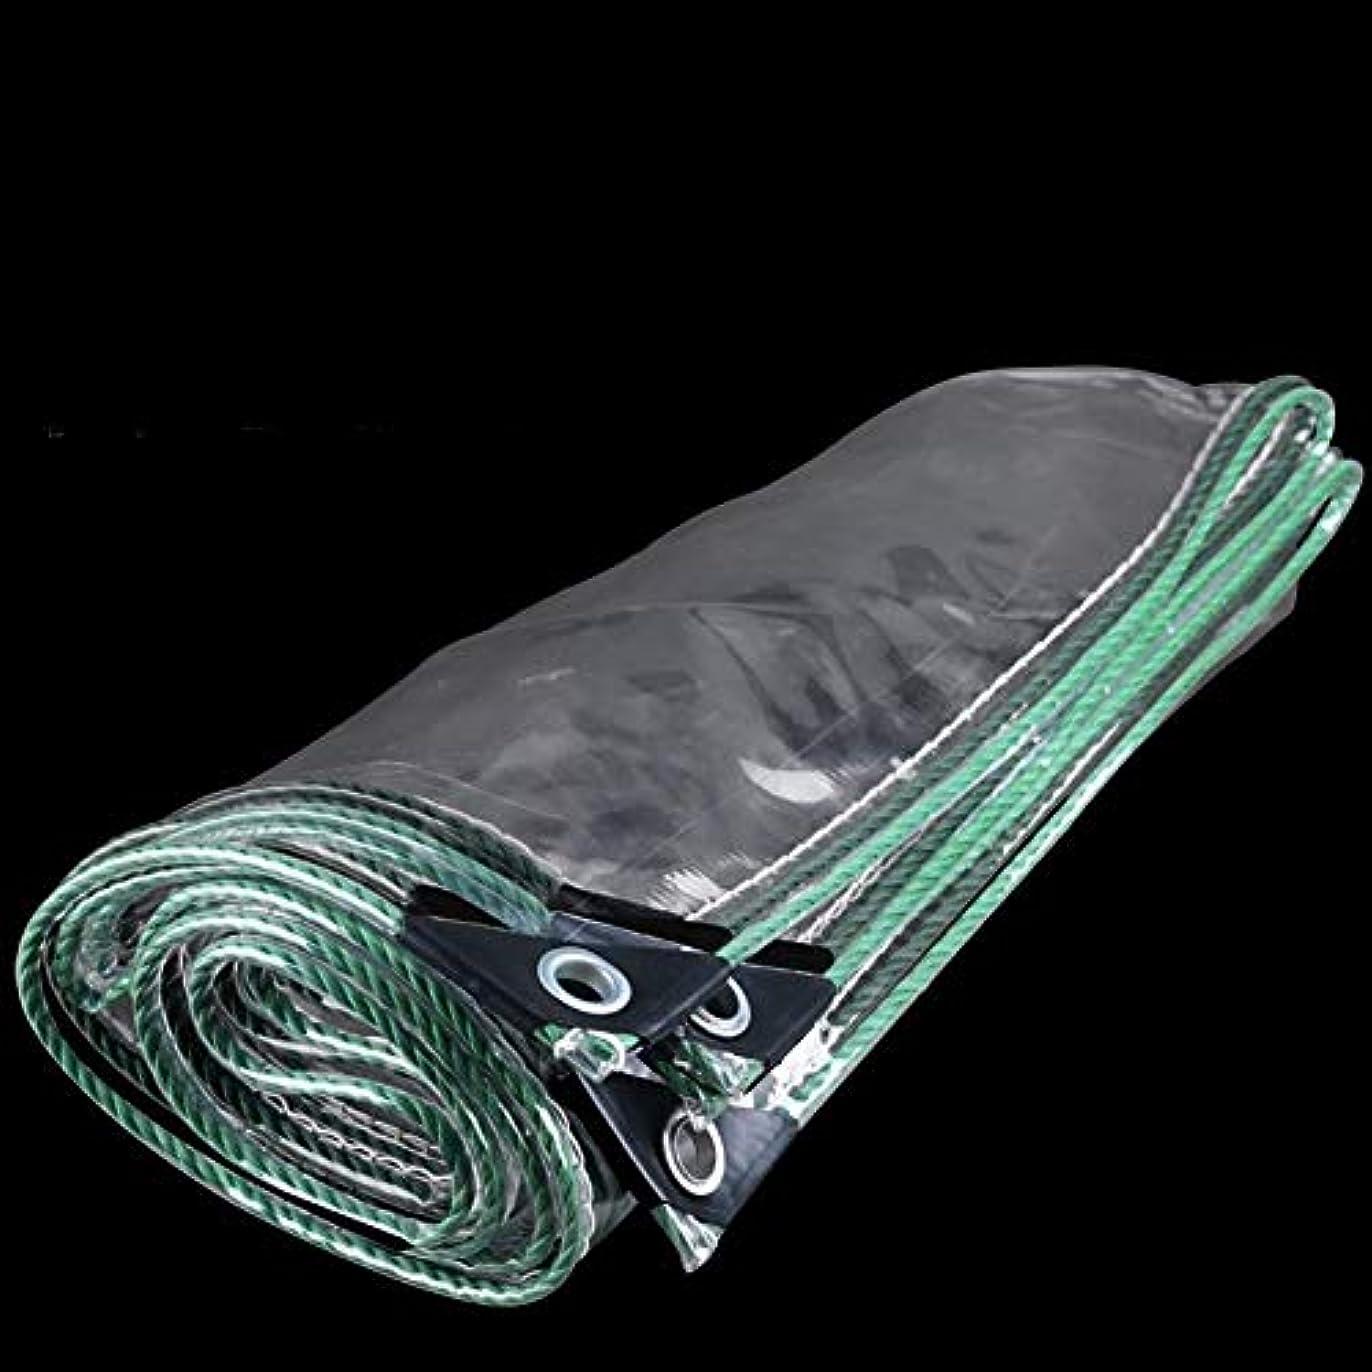 太陽盗賊木製Nwn 透明防雨布厚いポンチョターポリンバルコニーレインバイザー防水シート防水ターポリン屋外プラスチック布(450g /㎡) (サイズ さいず : 2x3m)